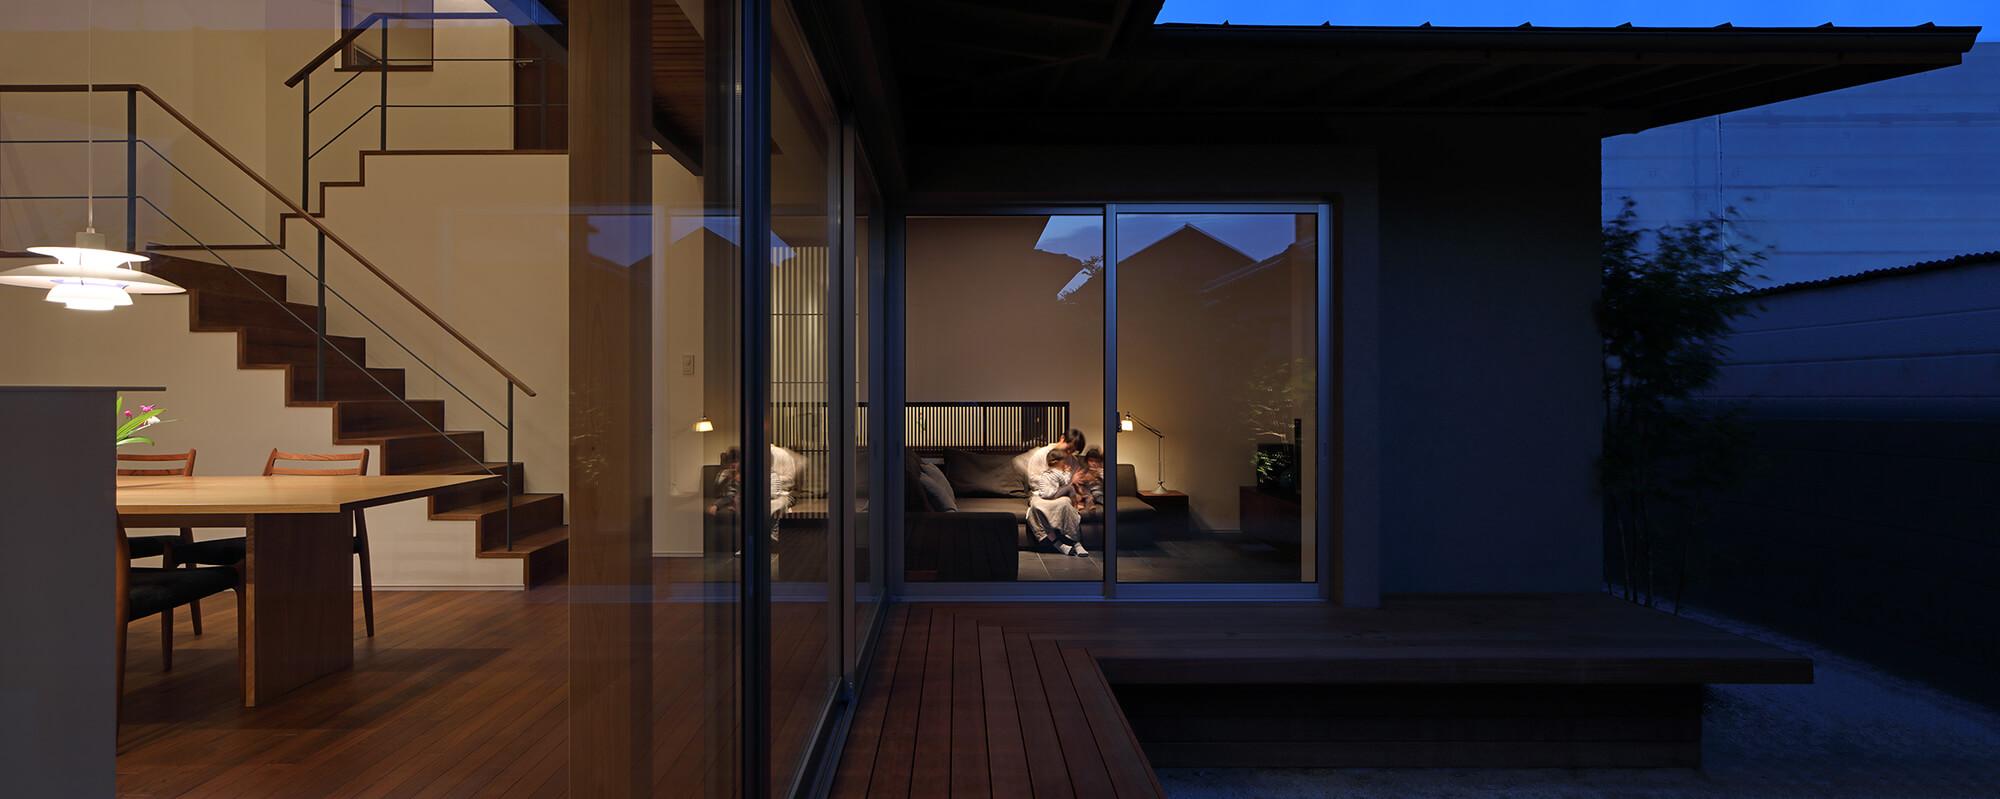 『福重の家』建築写真・竣工写真・インテリア写真21